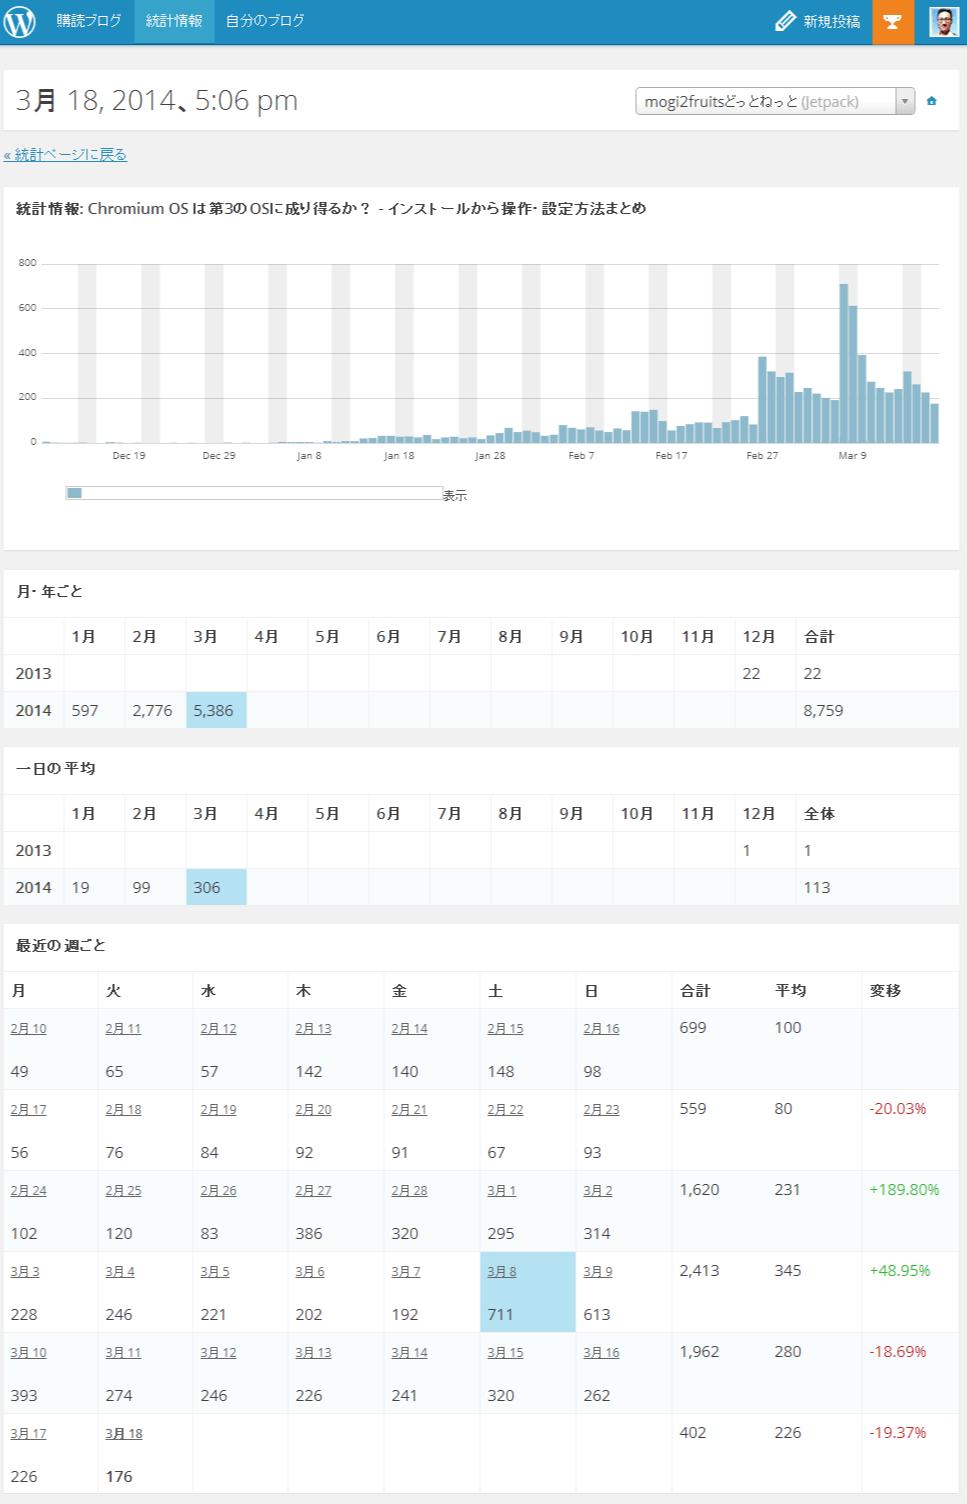 統計情報-WordPress.com_ページ毎の概要01